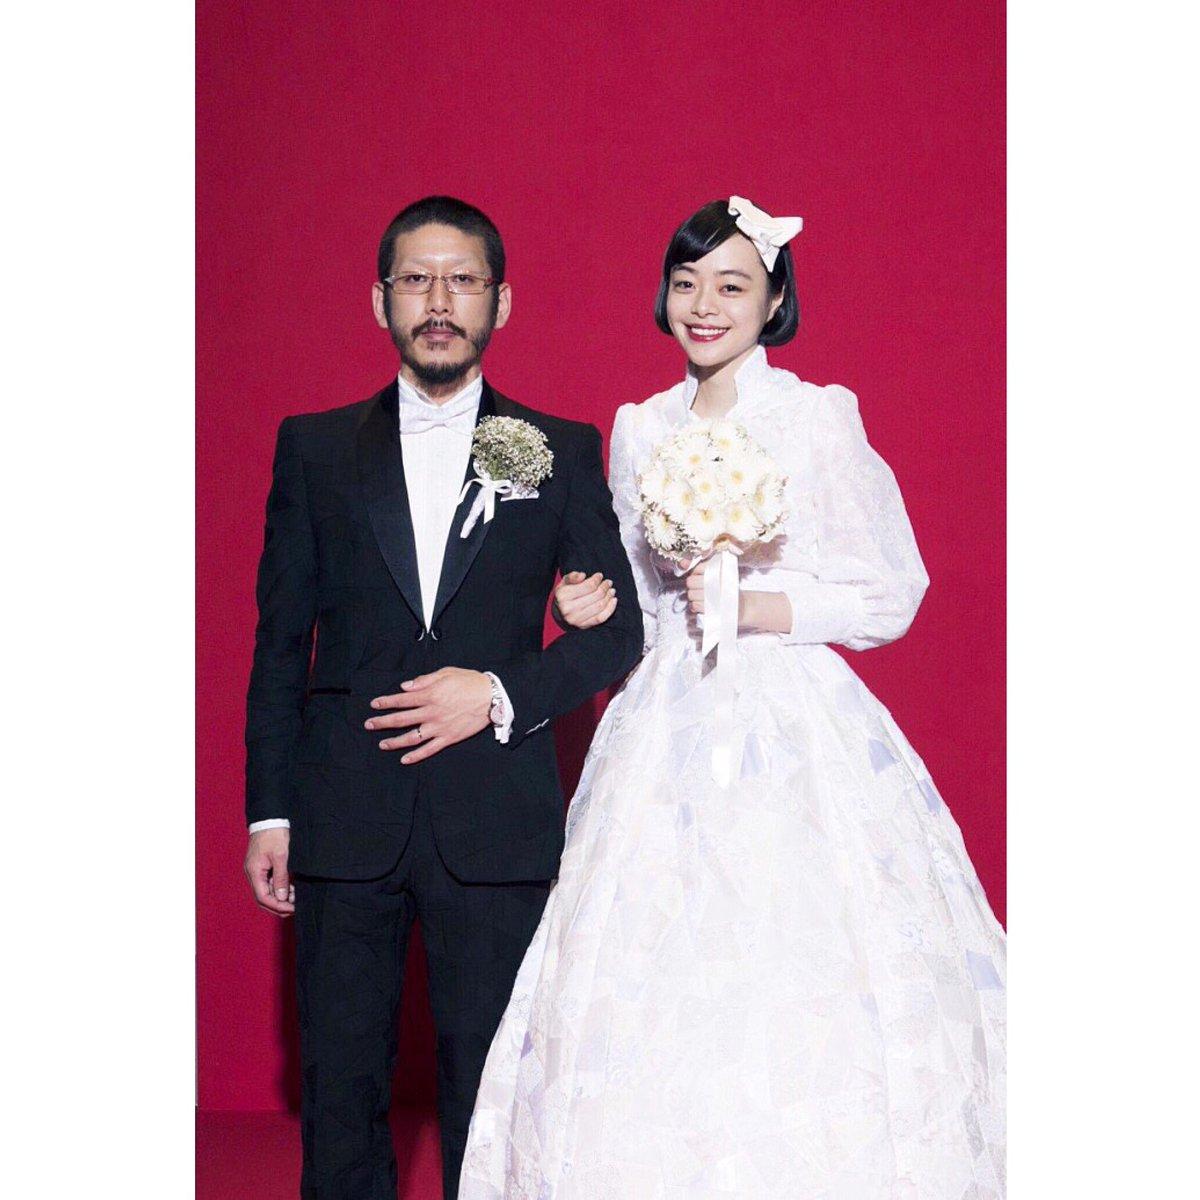 【 ご報告 】 わたくしKanocoは、 anrealageのデザイナーである 森永邦彦さんと結婚致しました。 お互いの大切なことを、 二人で守っていきます。 夫婦共々、今後とも よろしくお願い致します。 https://t.co/juLoVRqqwe